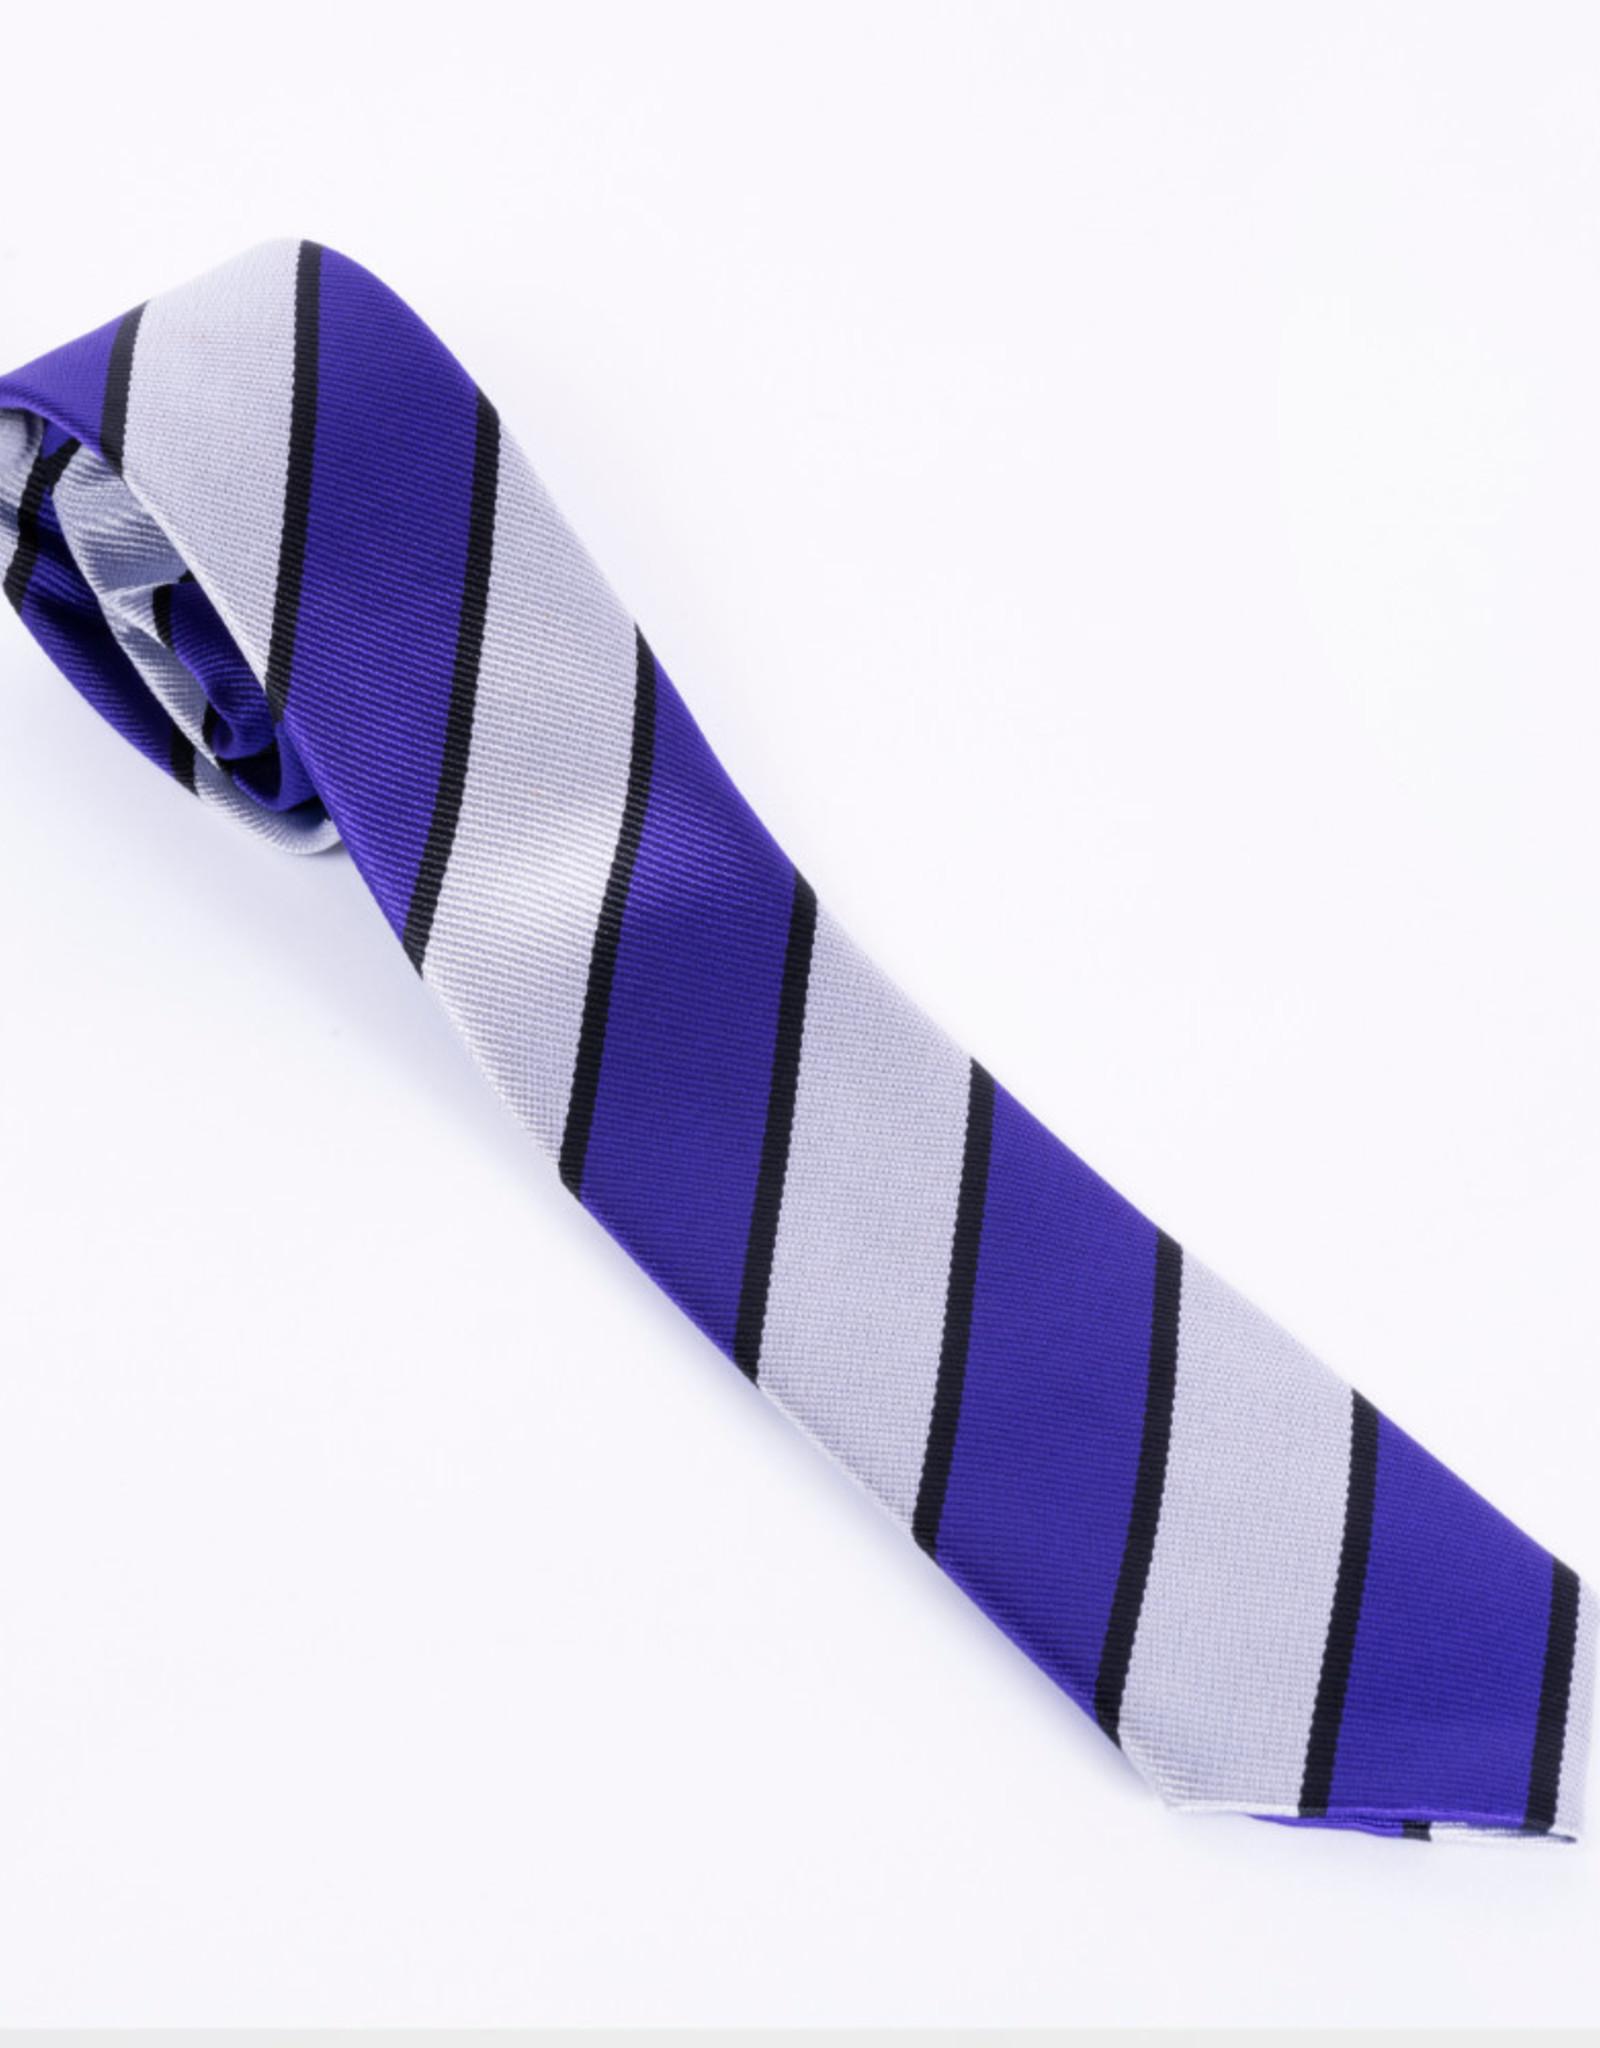 Tie - The Canons CE Primary School